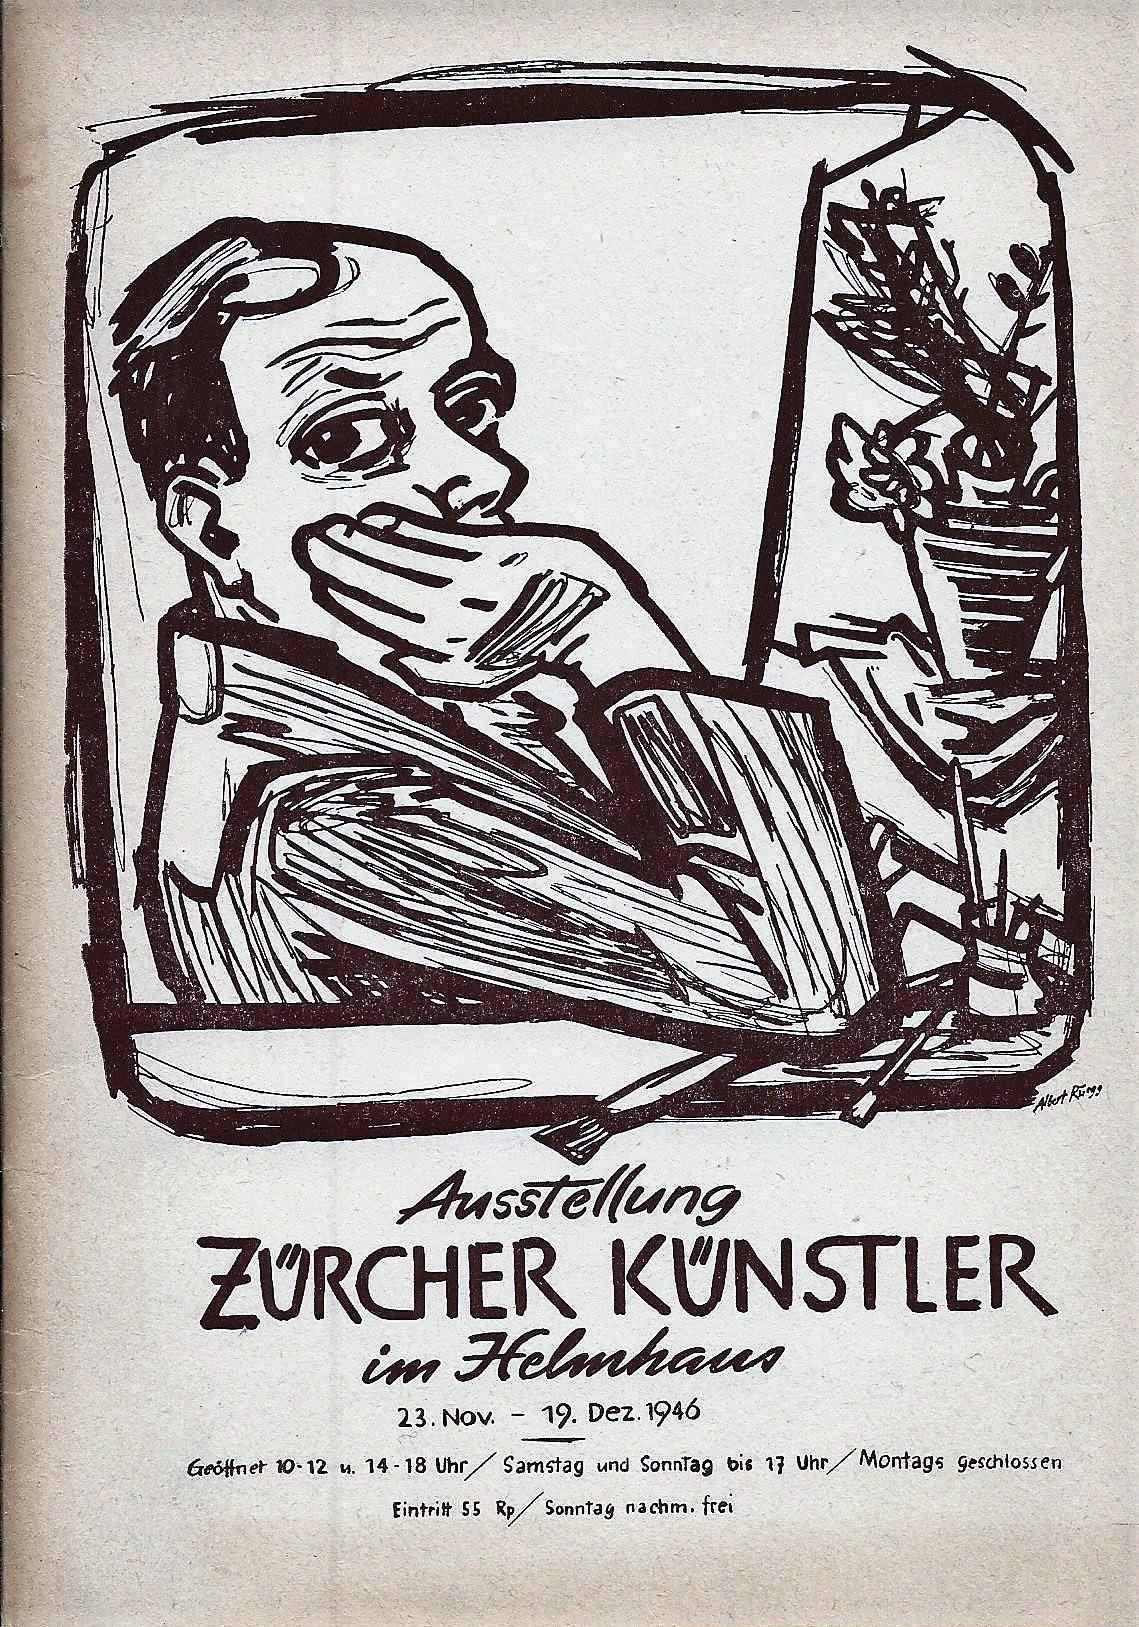 Ausstellung Zürcher Künstler im Helmhaus, 23. November: Stadt Zürich, Hrsg.